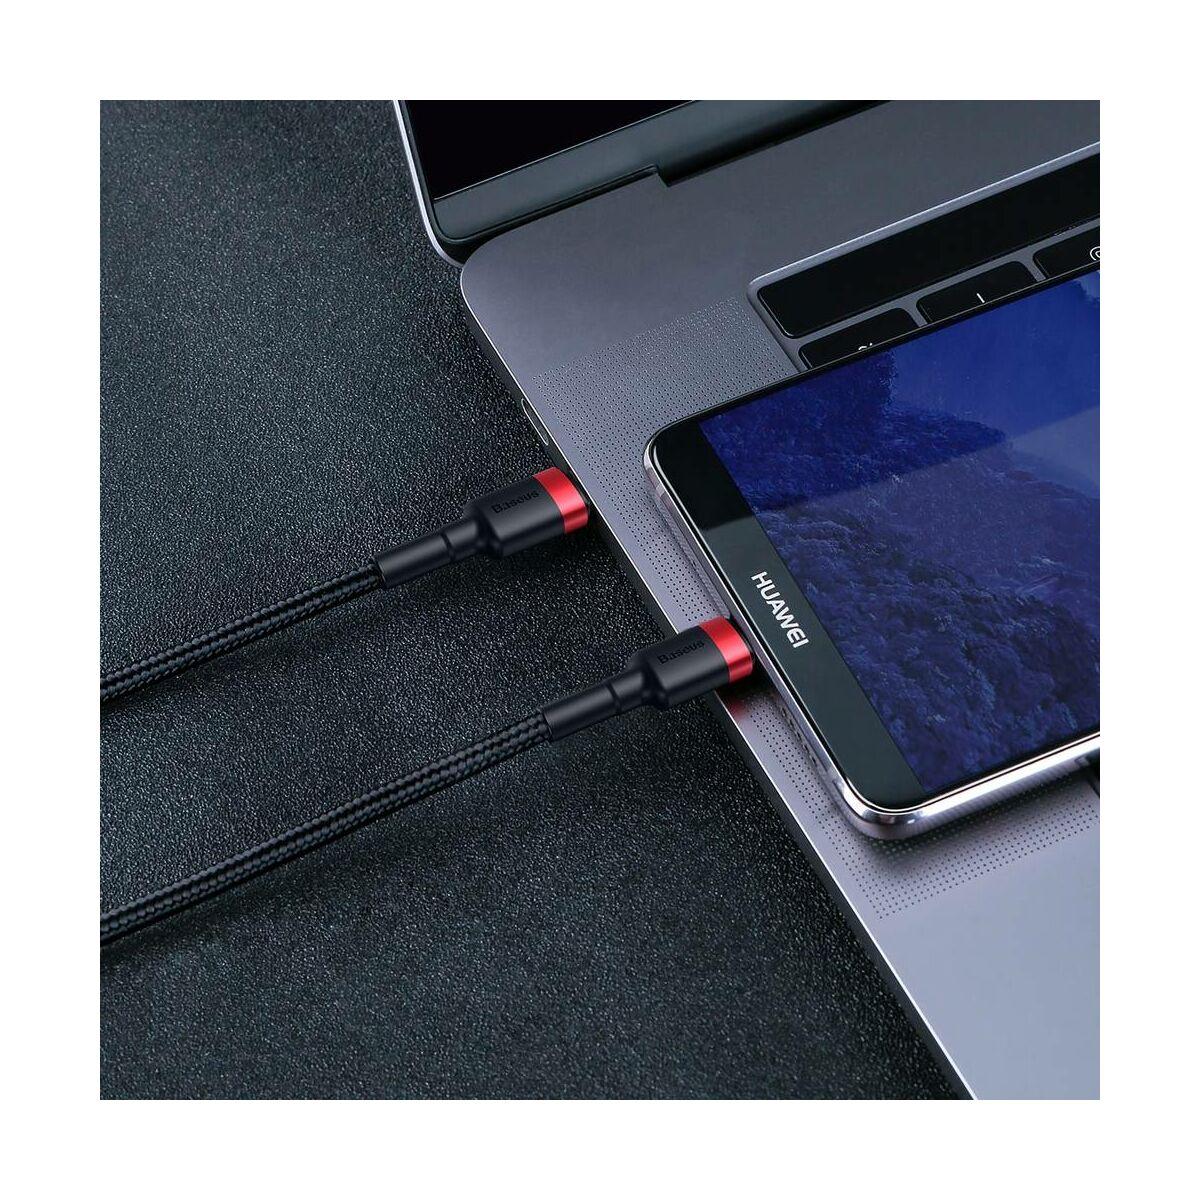 Baseus Type-C kábel, Cafule, gyors töltés PD2.0, QC 3.0, max 60W(20V 3A), 1m, fekete/szürke (CATKLF-H91)